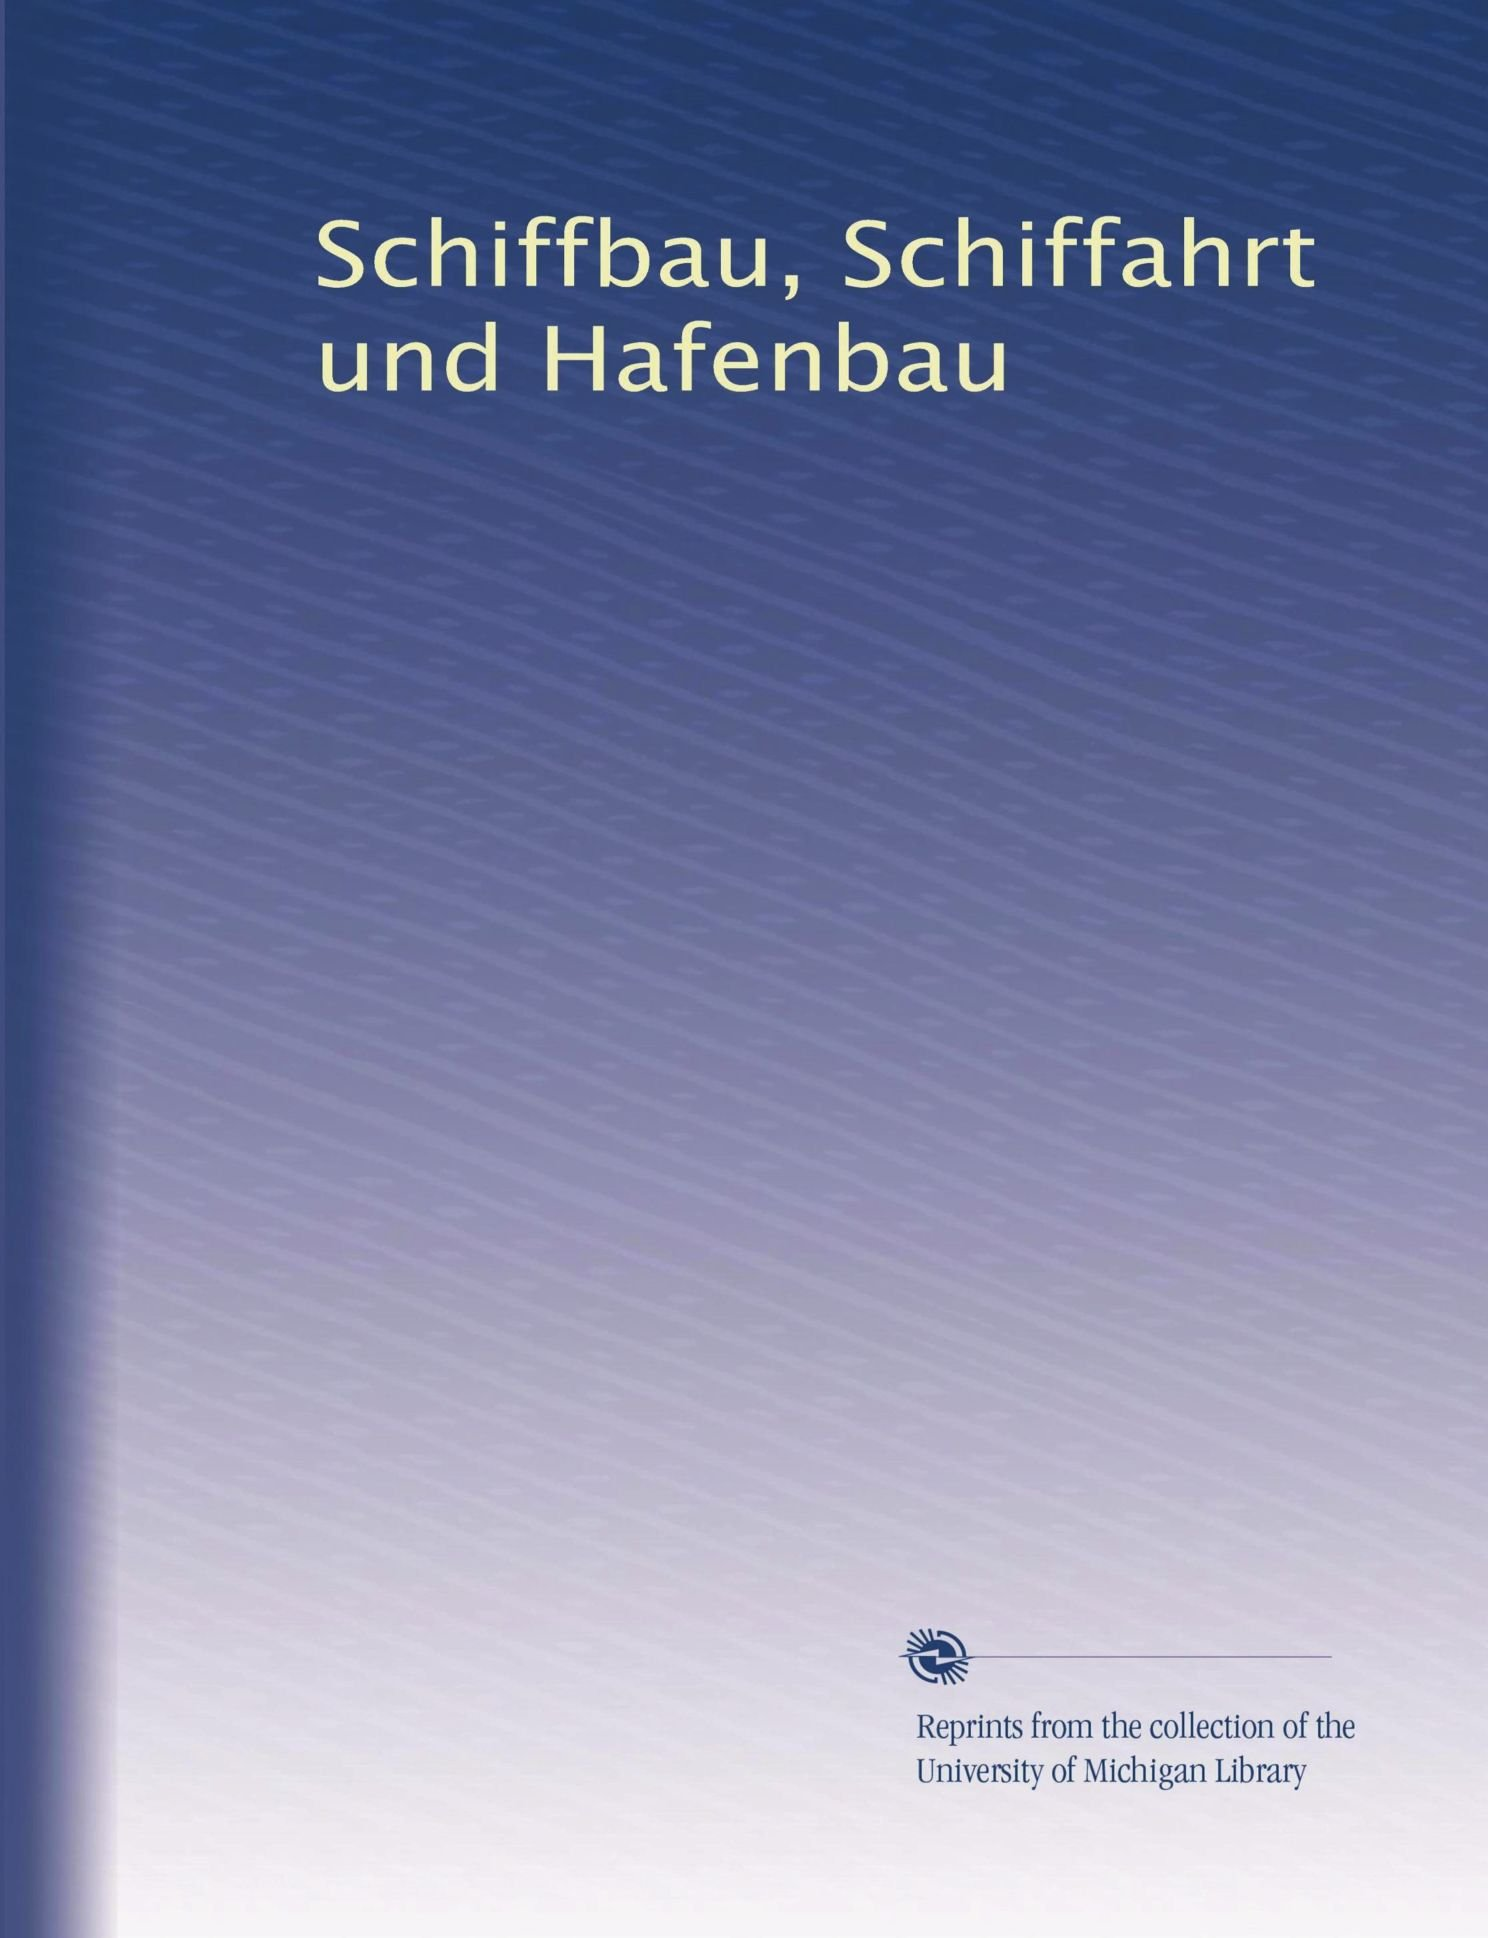 Download Schiffbau, Schiffahrt und Hafenbau (Volume 33) (German Edition) PDF